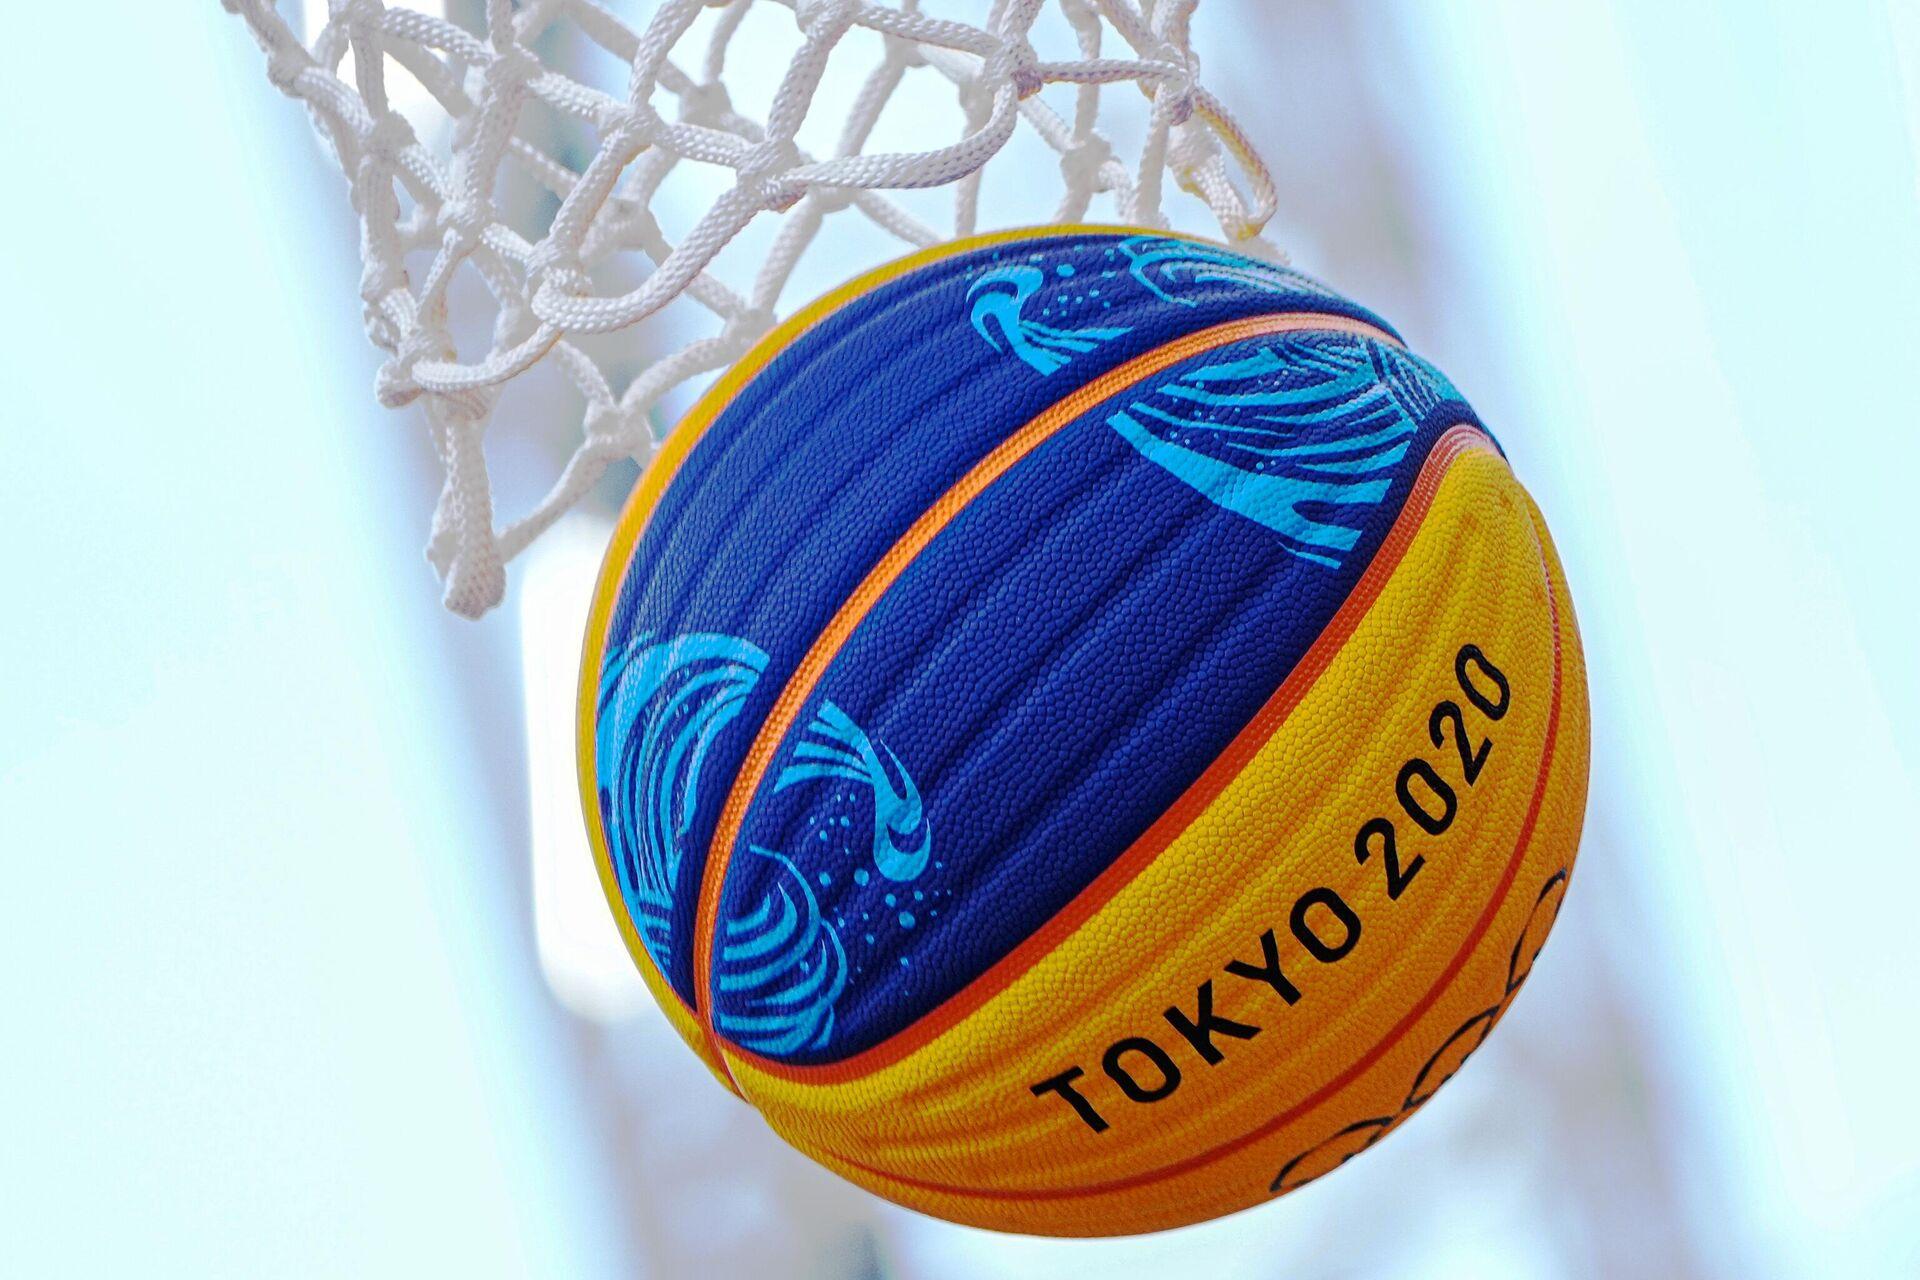 Баскетбольный мяч - РИА Новости, 1920, 28.07.2021